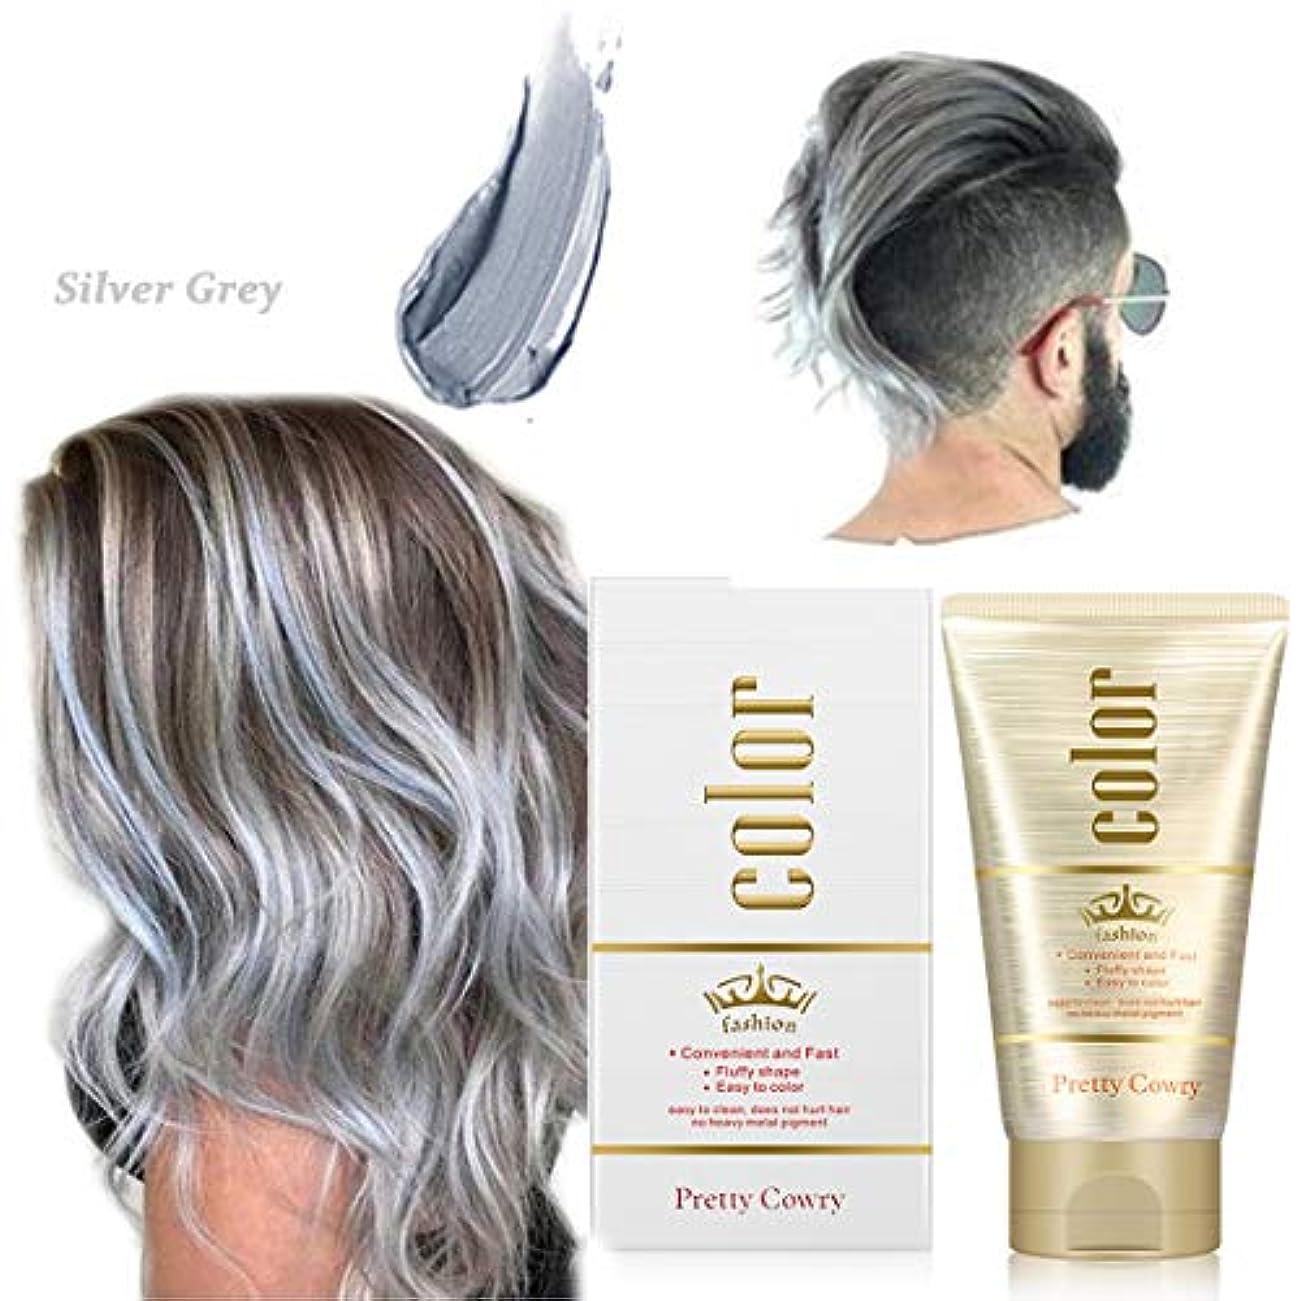 北価値はず染めヘアワックス、ワンタイムカラースタイリング、スタイリングカラーヘアワックス、ユニセックス9色、diyヘアカラーヘアパーティー、ロールプレイング (Sliver grey)